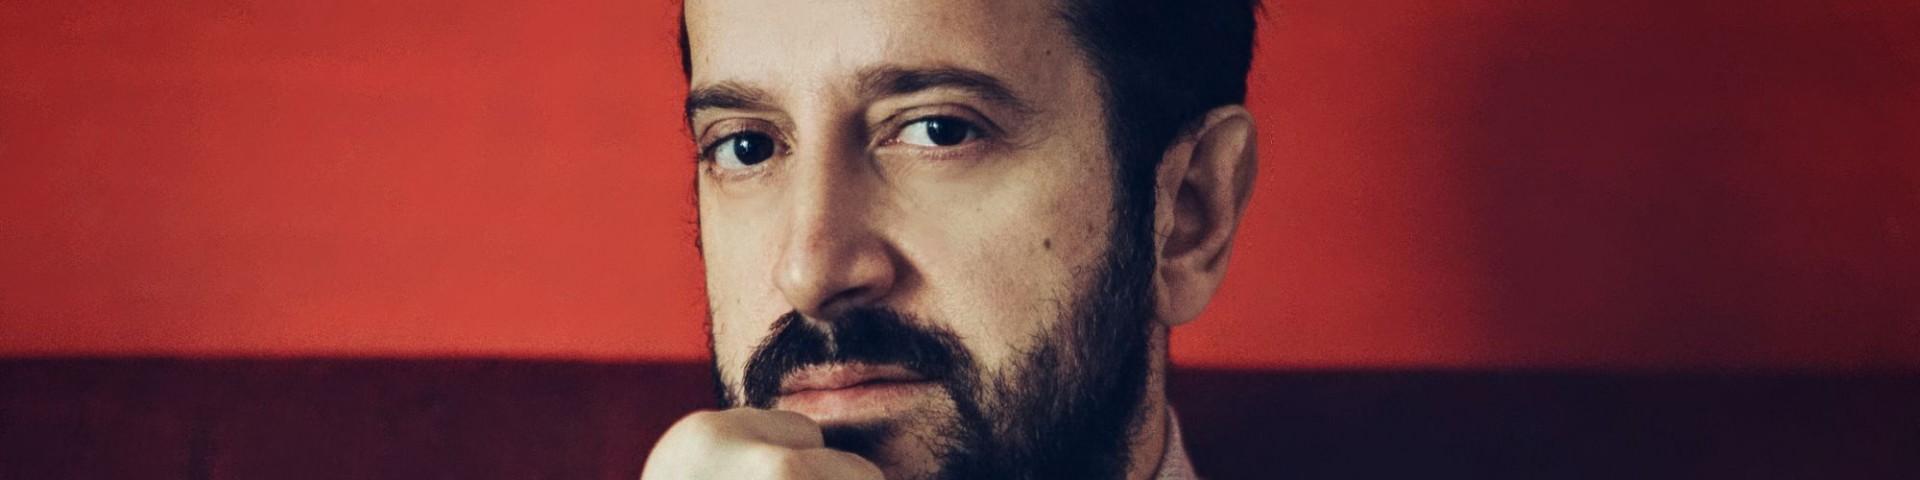 """Fernando Alba: arriva sul mercato digitale l'NFT della Cover Art del singolo """"L'odore dell'amore"""""""